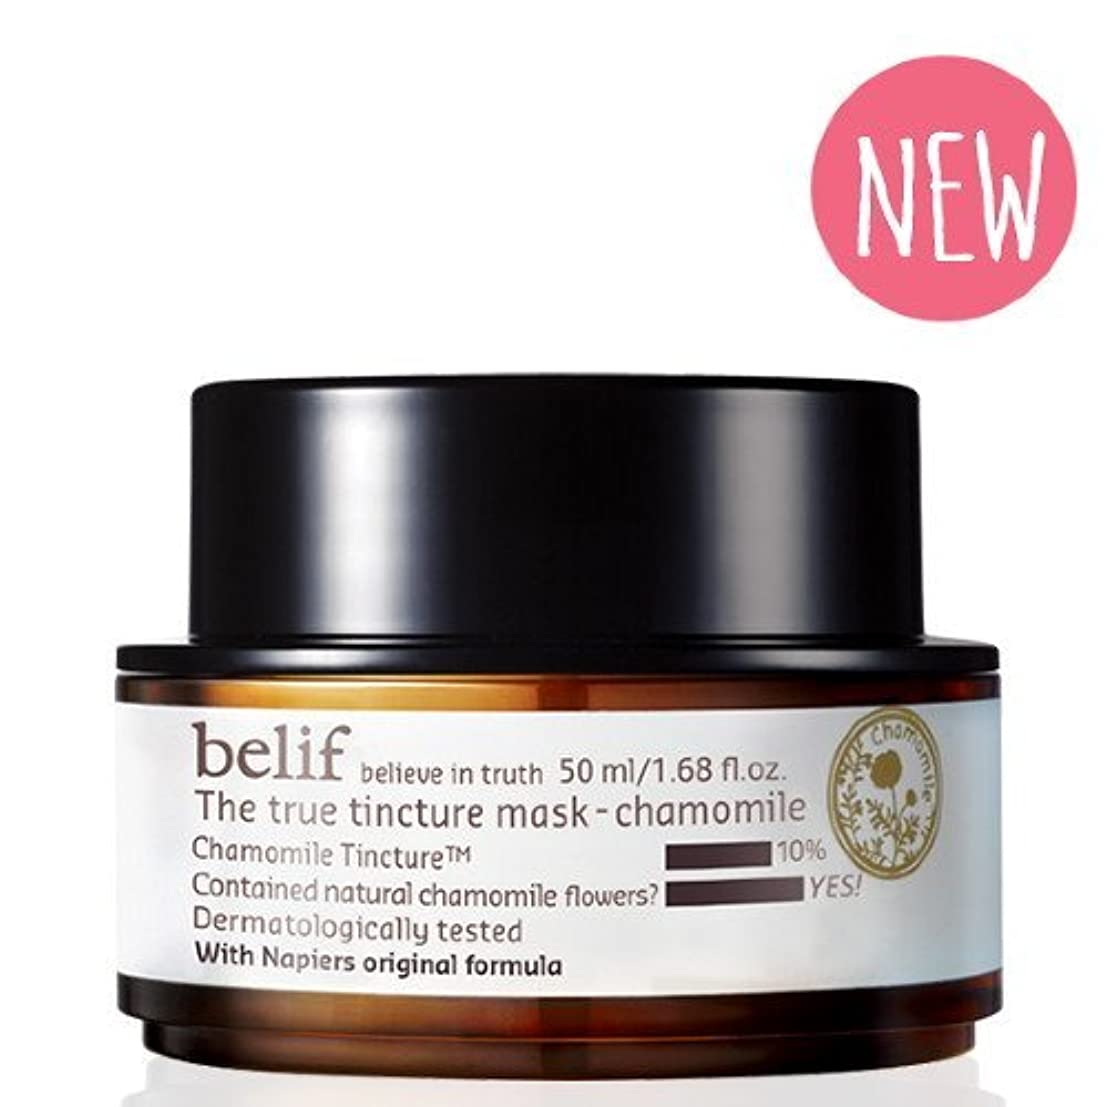 ヒョウ神聖一族2016 New - Belif The True Tincture Mask chamomile [並行輸入品]